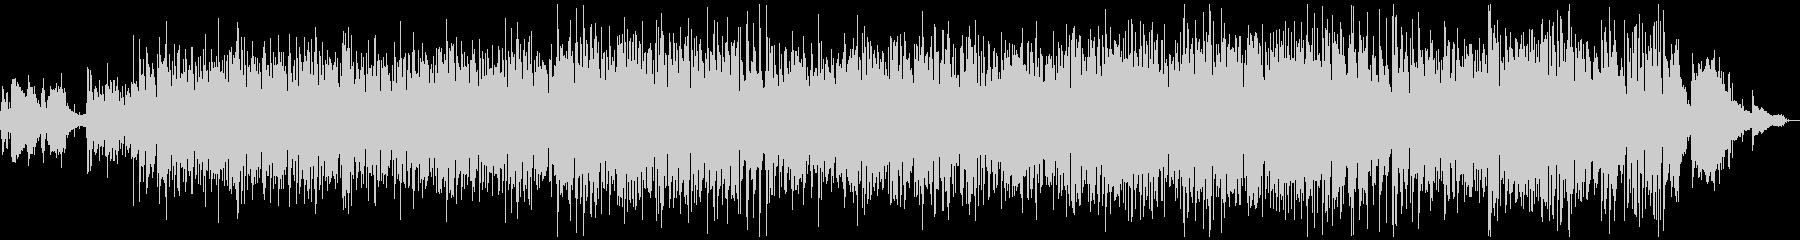 ピアノのお洒落でクラッシーなボサノバの未再生の波形